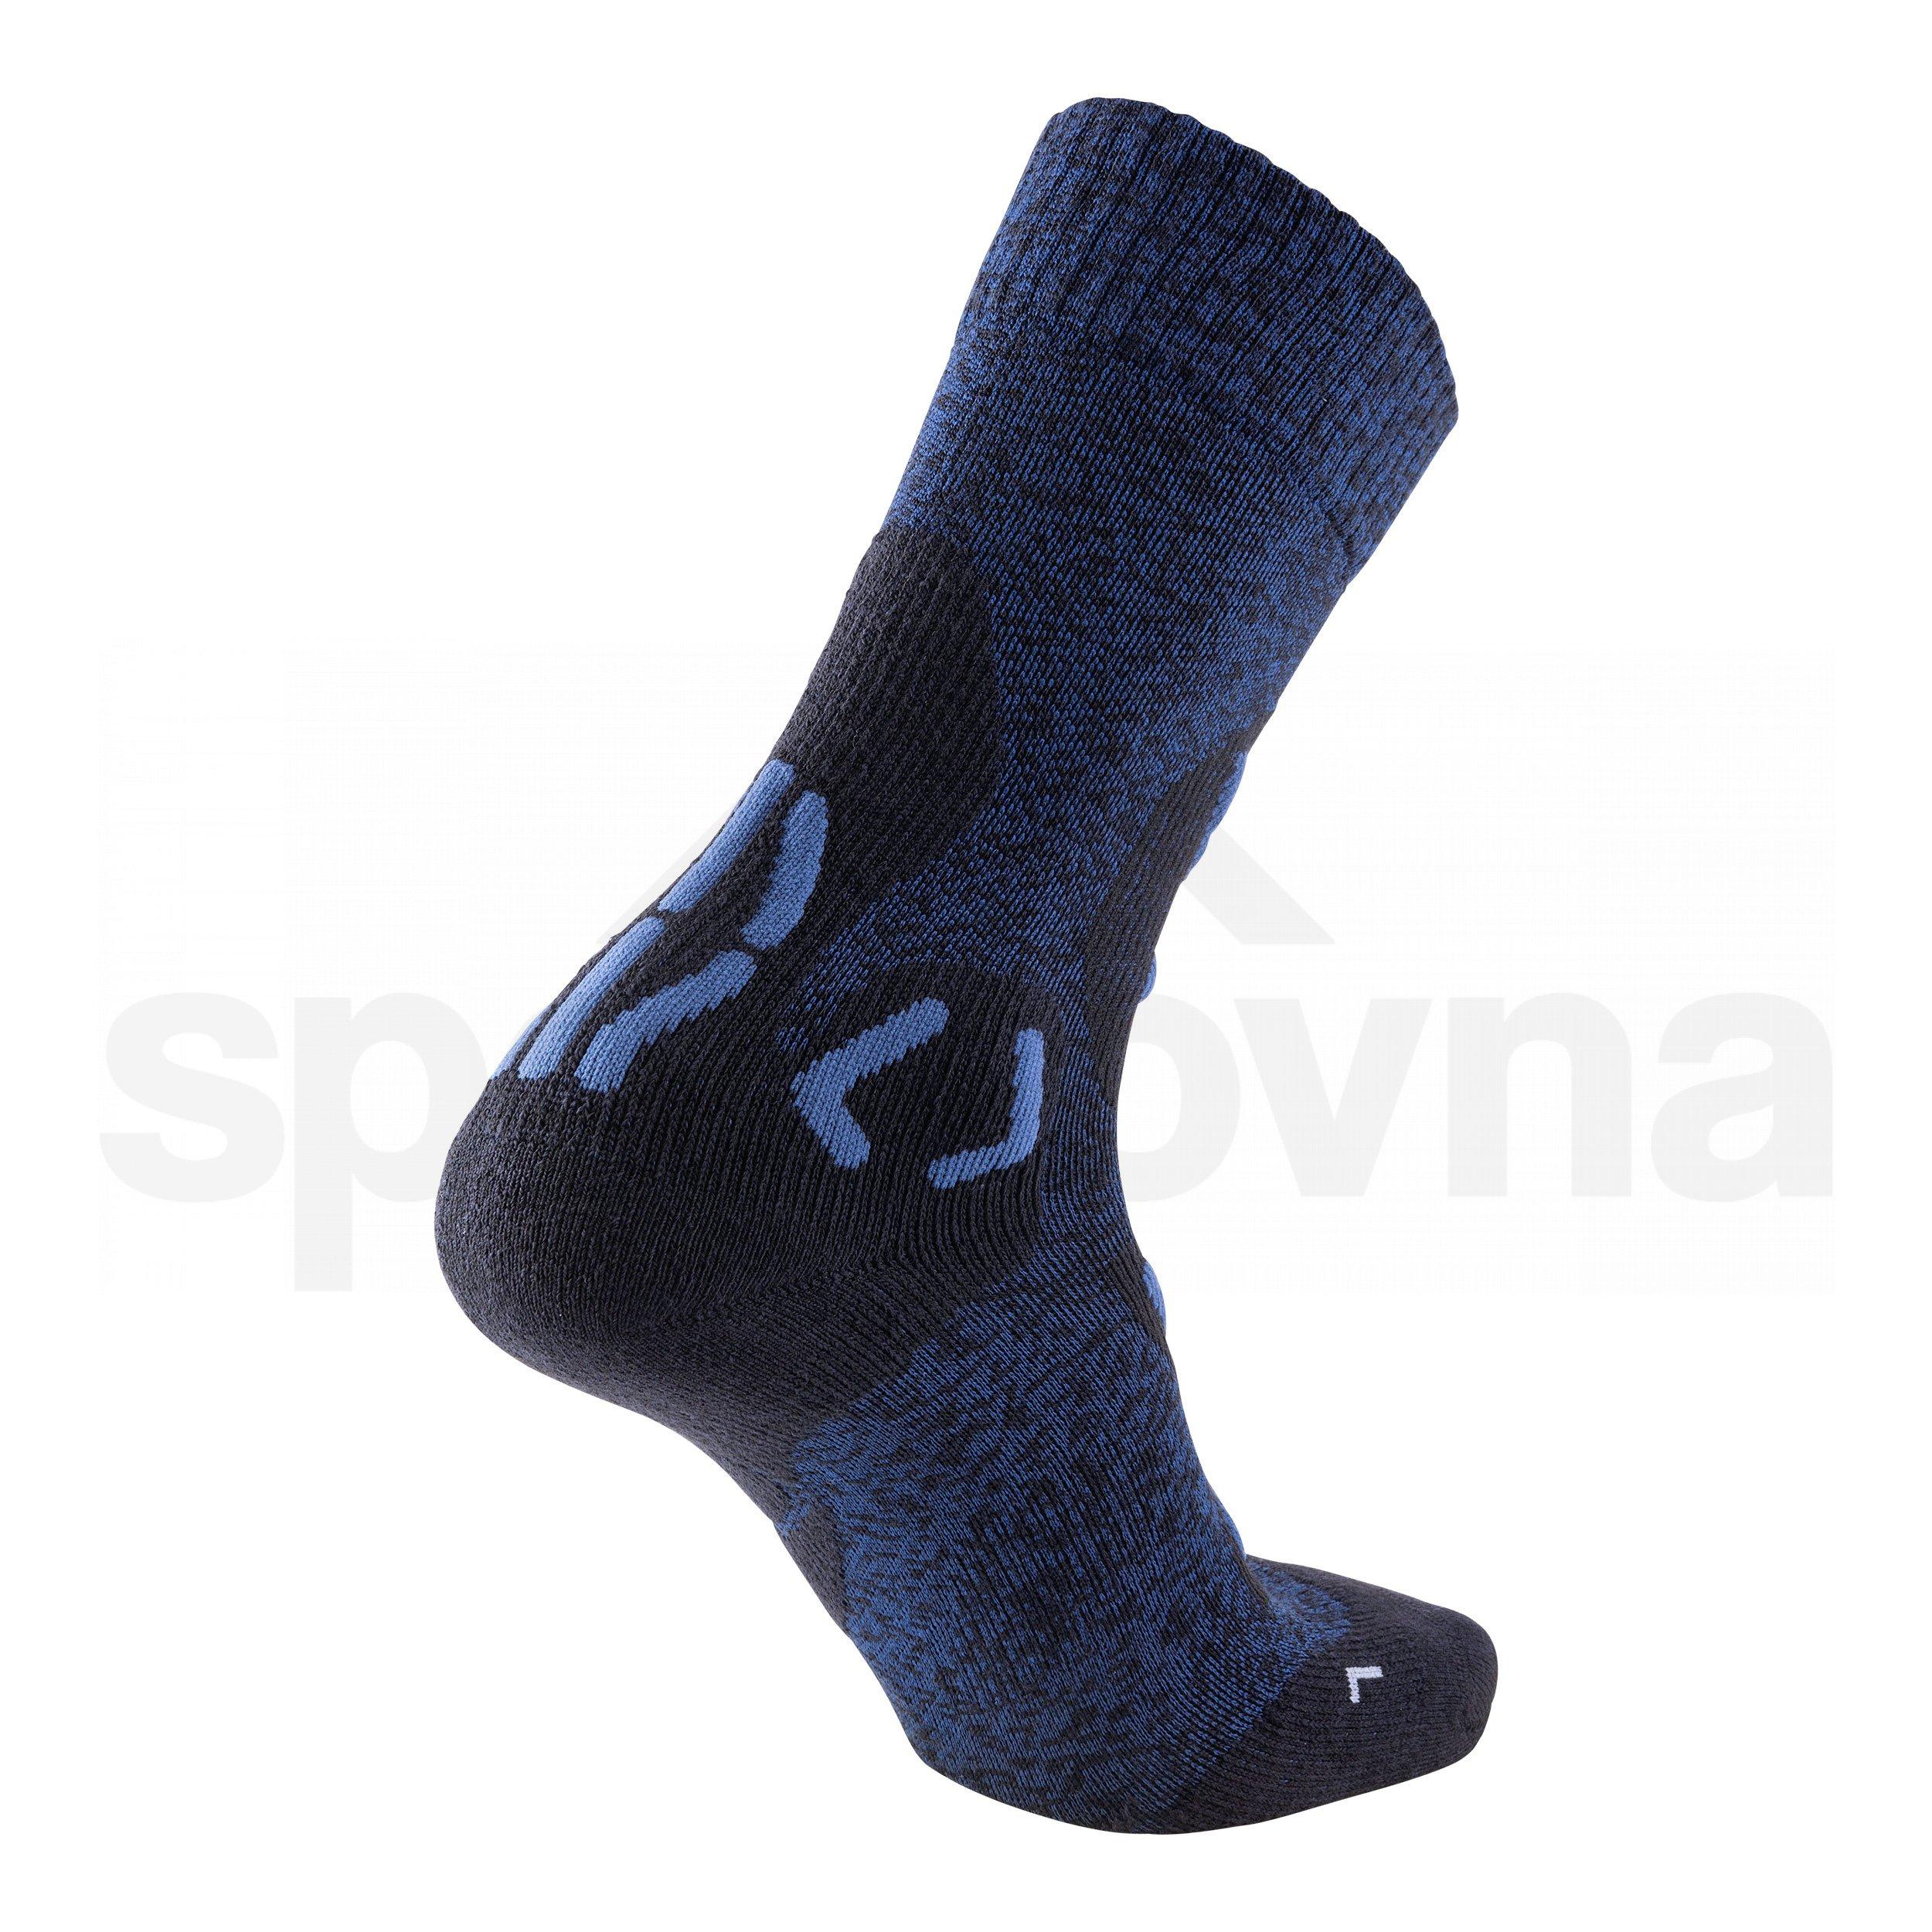 Pánské ponožky UYN TREKKING EXPLORER LIGHT - tmavě modrá/černá